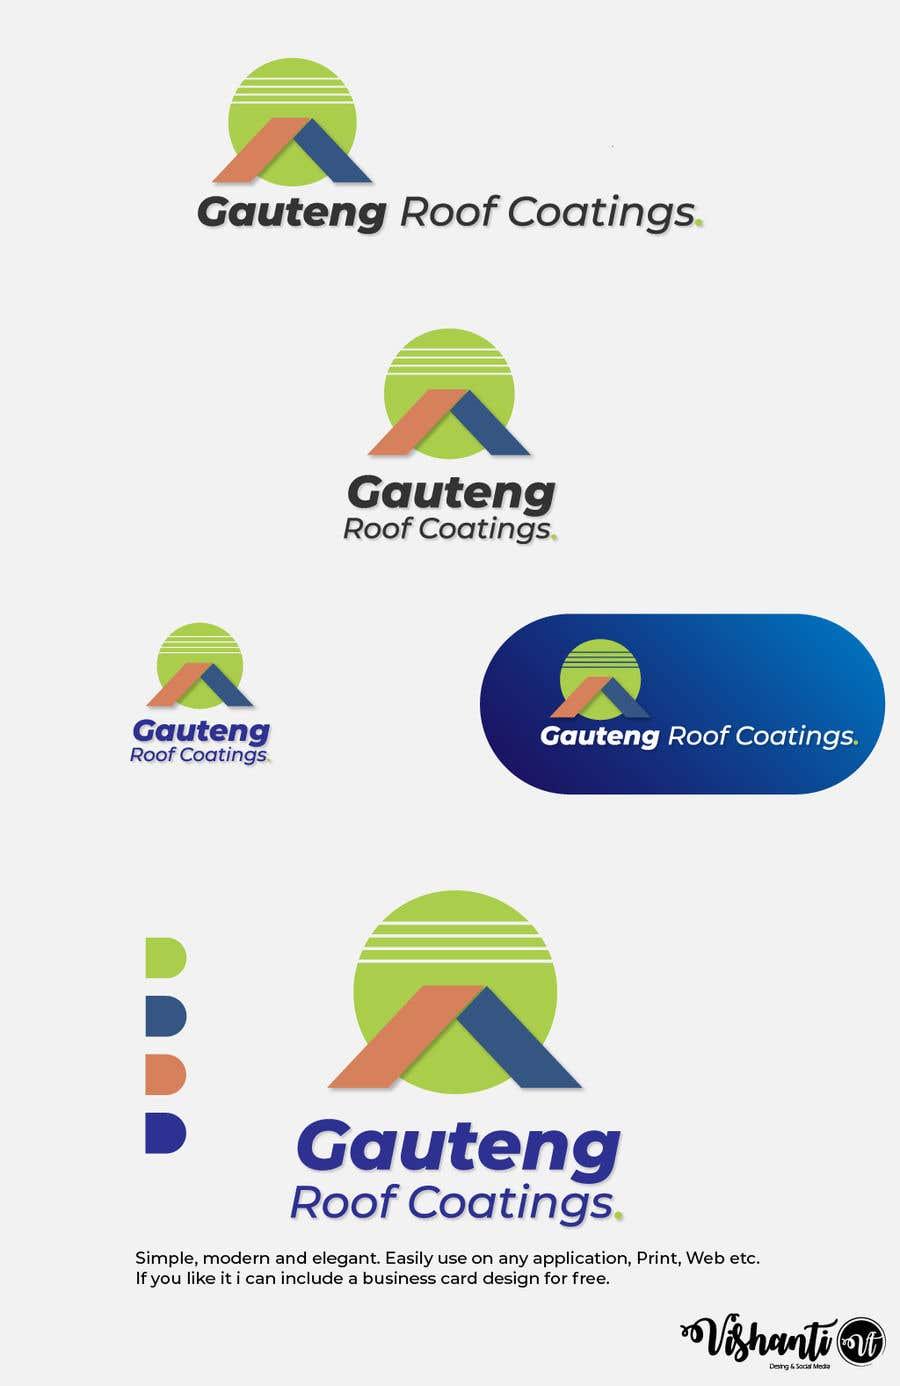 Konkurrenceindlæg #16 for Gauteng Roof Coatings Logo Design